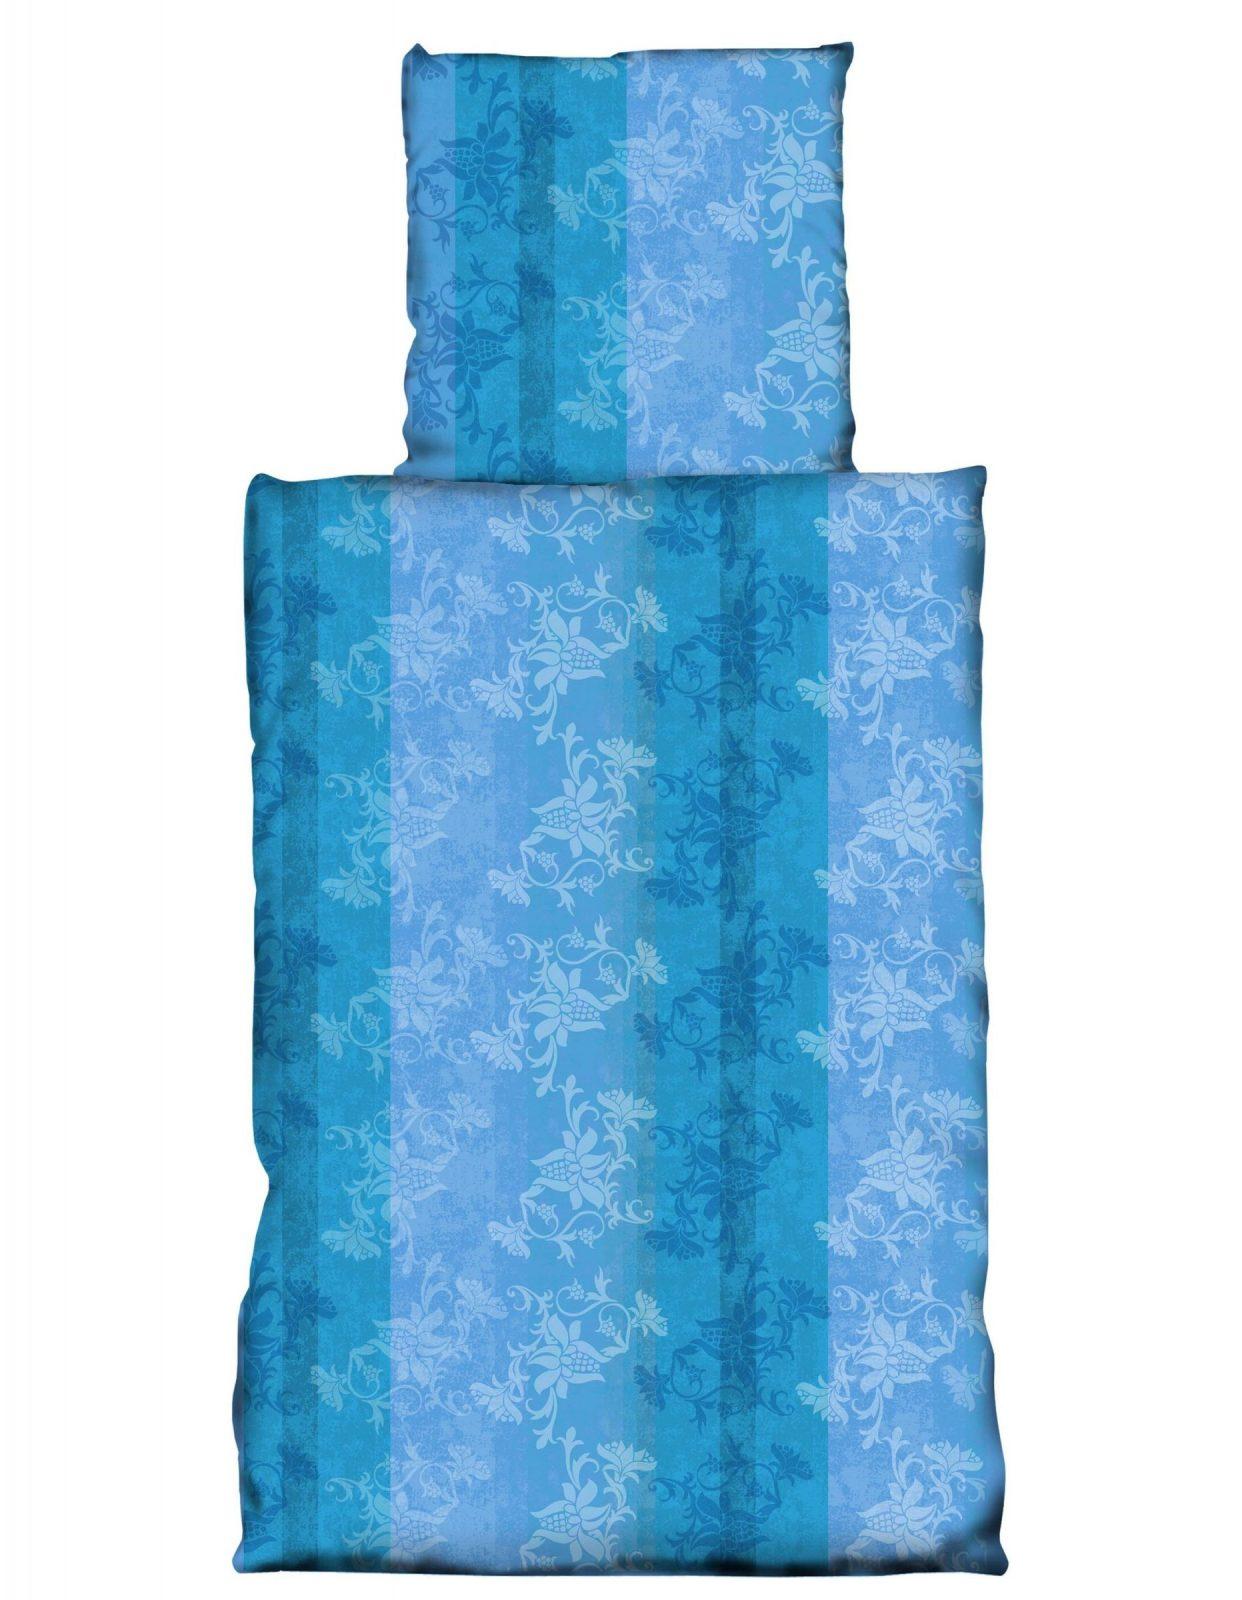 4 Teilig Bettwäsche 155X220 Cm Blumen Türkis Dunkel Blau Microfaser von Bettwäsche 155X220 4 Teilig Bild